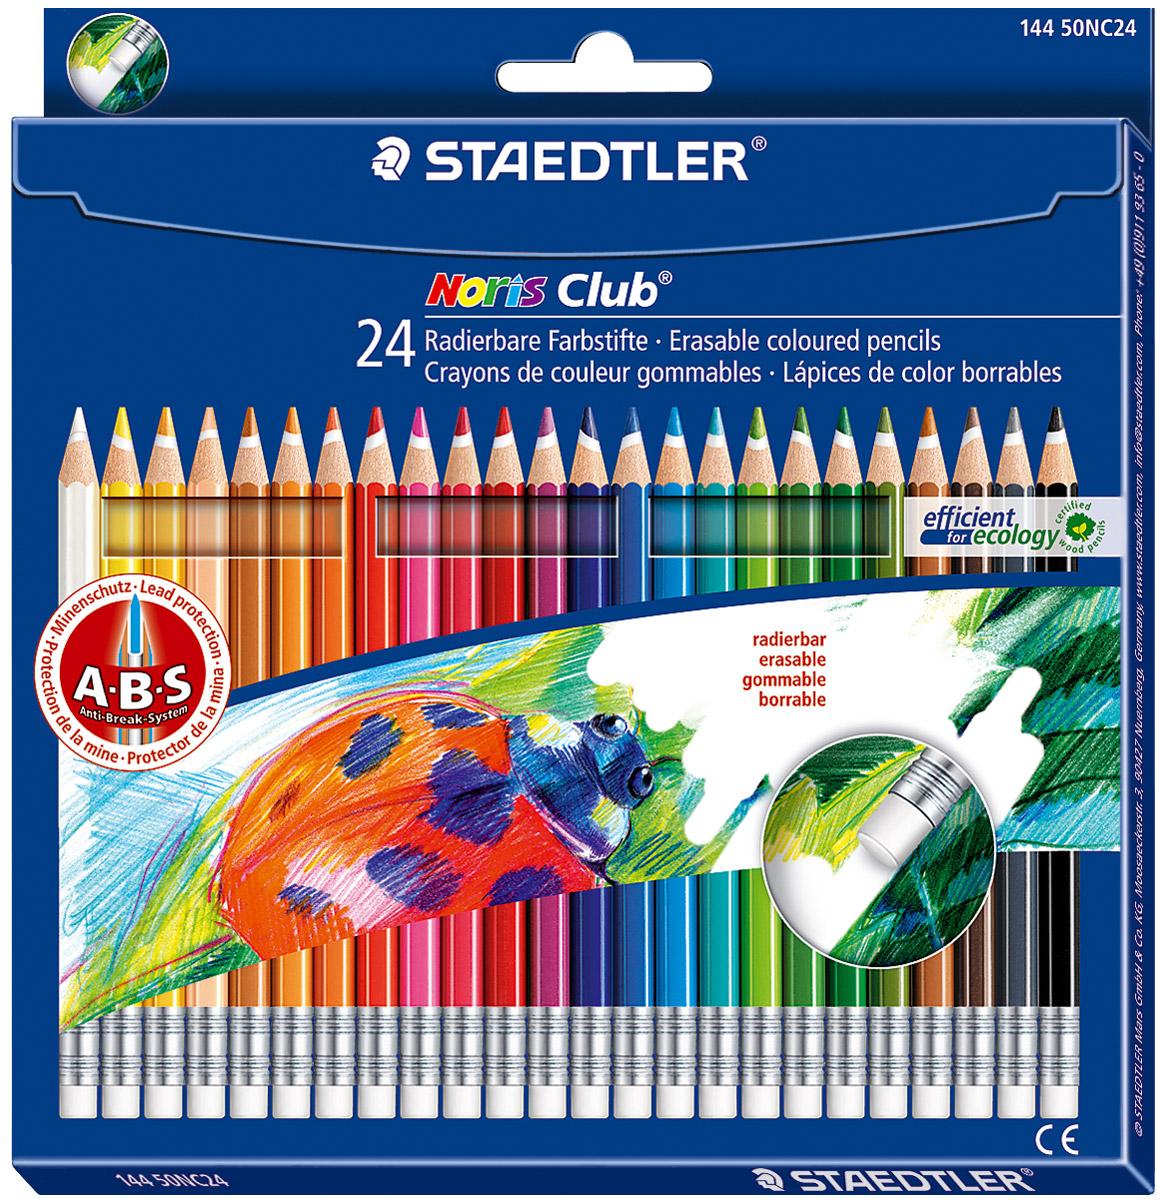 Цветные карандаши с ABS системой. Стираются ластиком! Белое защитное кольцо усиливает грифель и повышает его ударопрочность.Грифель не ломается и не крошится при заточке. Корпус карандашей выполнен из сертифицированной особо прочной древесины.В наборе 24 карандаша ярких насыщенных цветов.